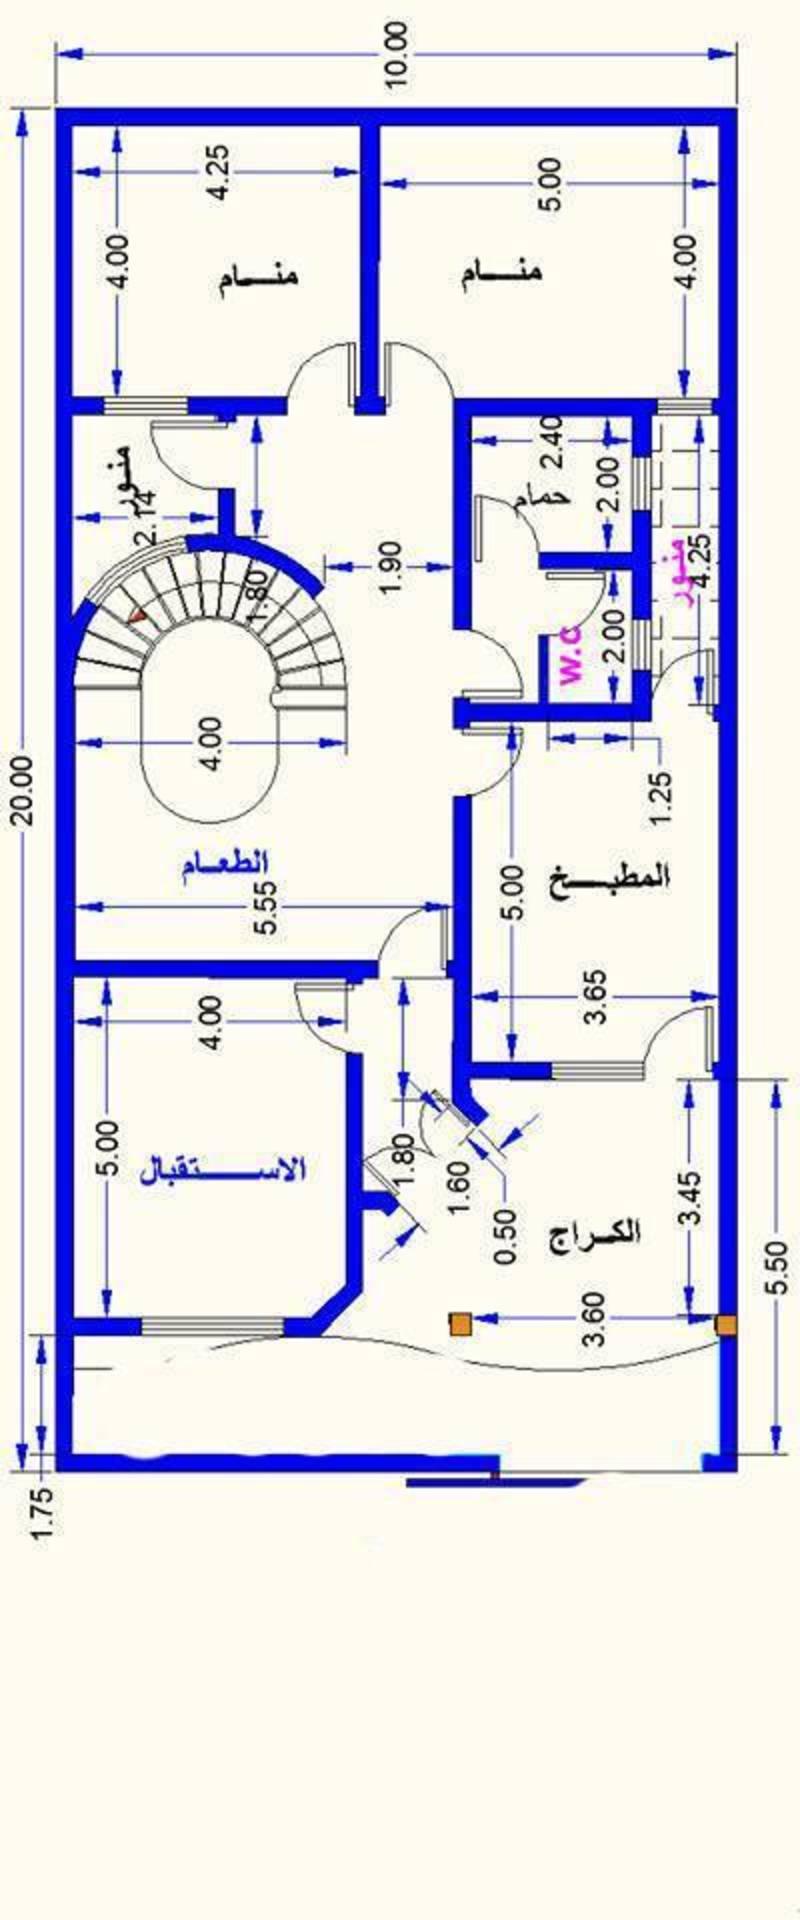 خرائط 200 م 10 20 خرائط منزل حديثة مساحة 200 متر تصماميم منازل